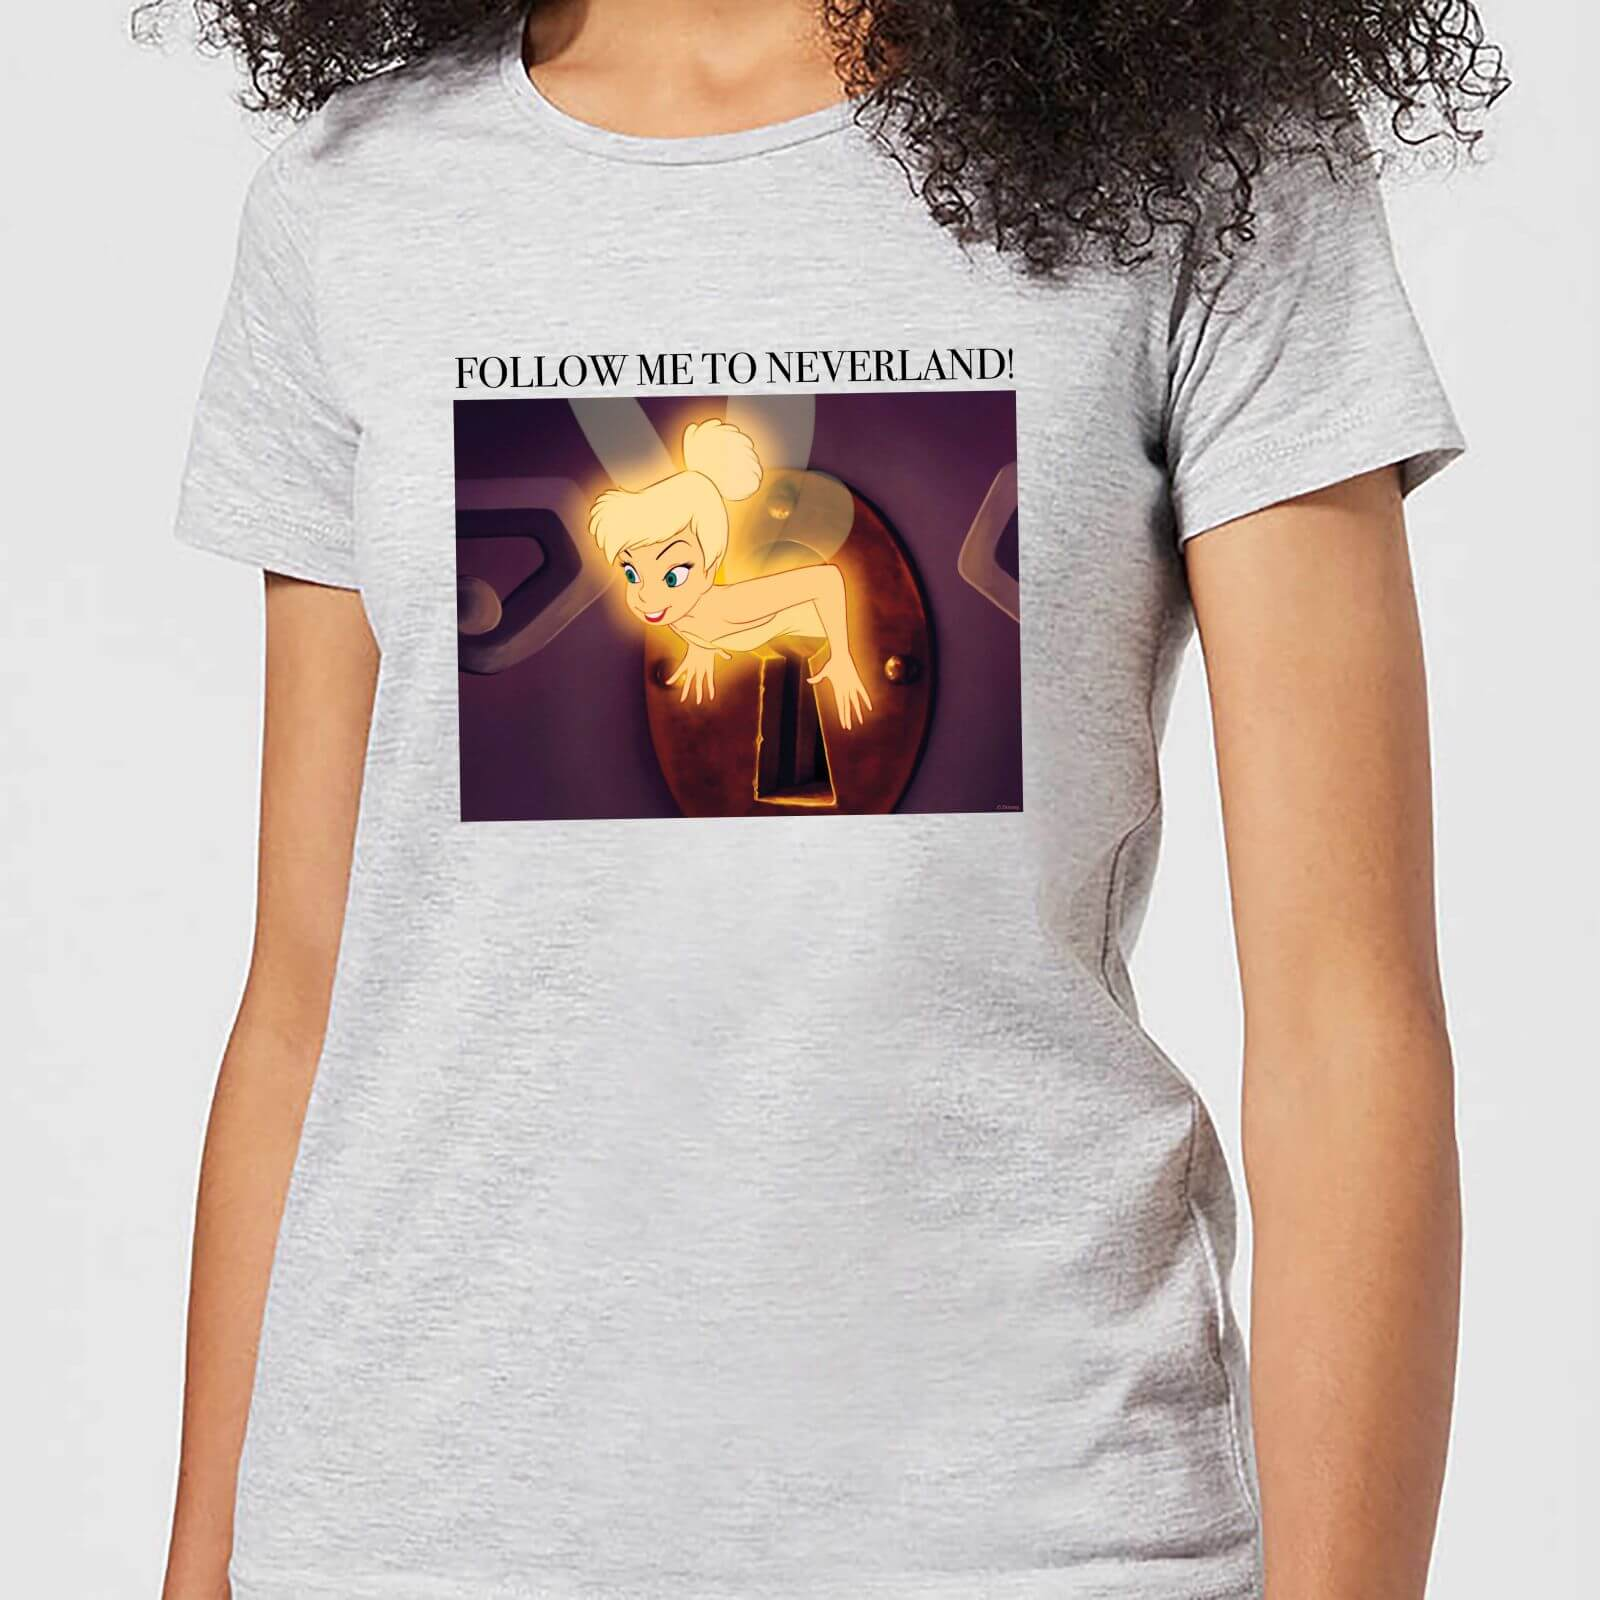 immer beliebt online Shop Sonderteil Disney Tinkerbell Follow Me To Neverland Damen T-Shirt - Grau